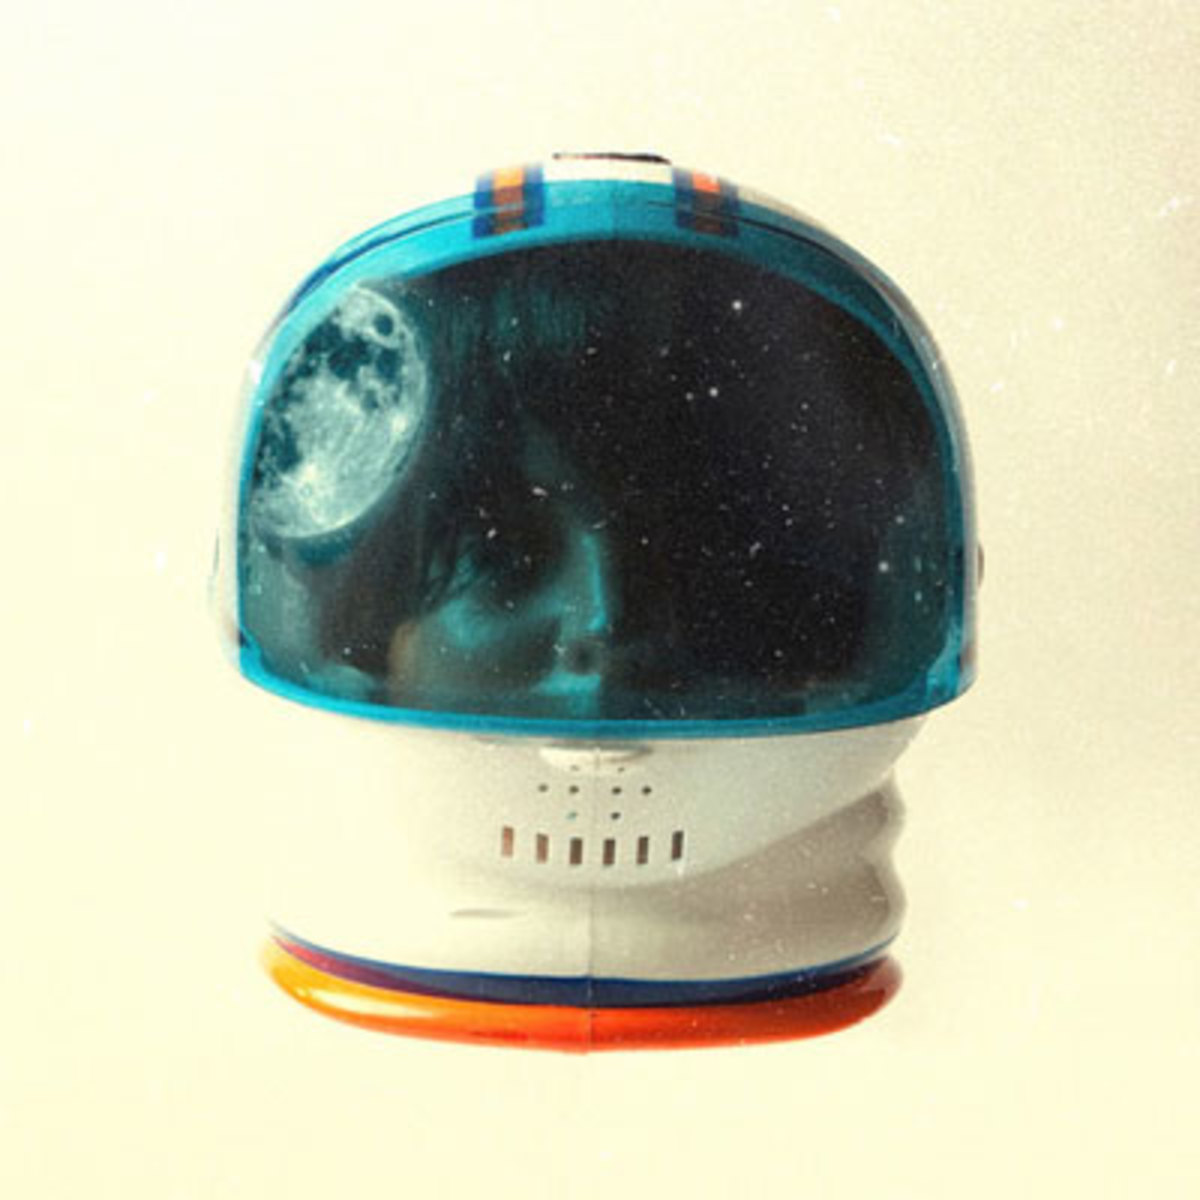 acecosgrove-cosmonaut.jpg